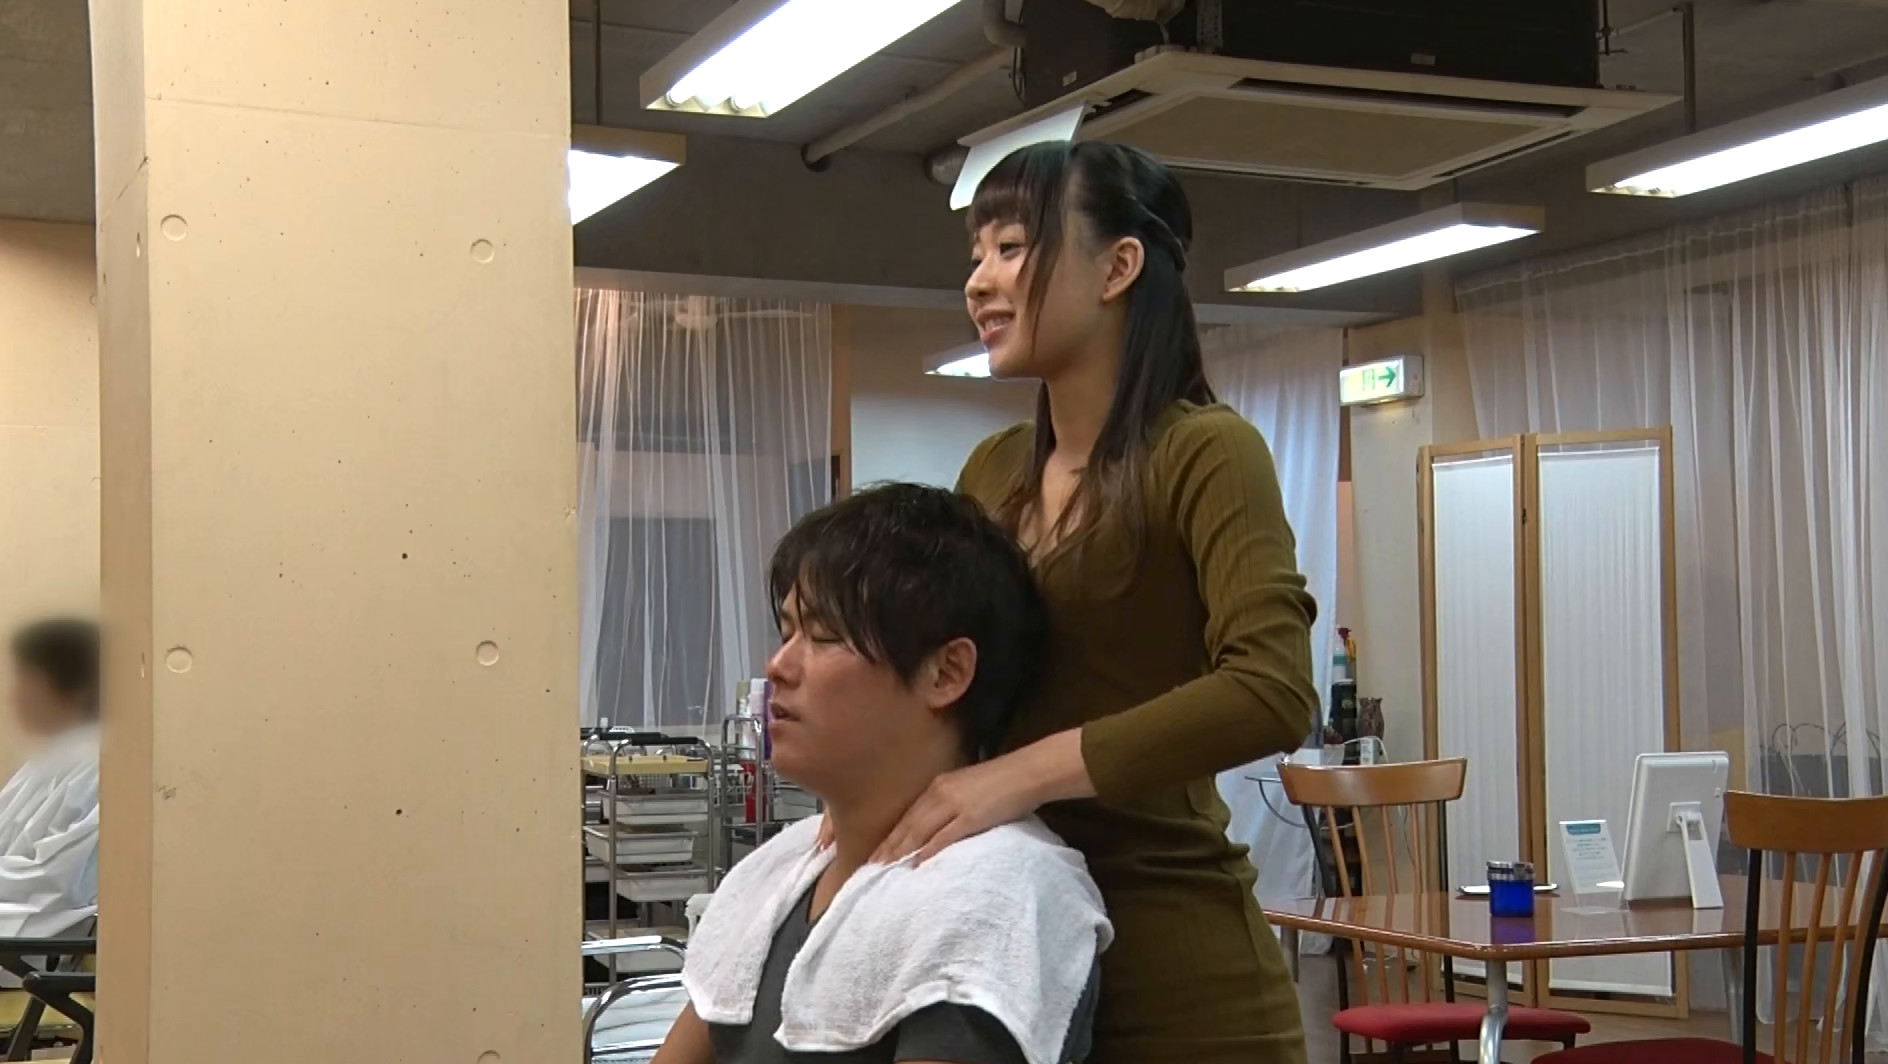 ヘアサロンのお姉さんは積極的に誘惑してくるサセ子さんでしたぁ~!